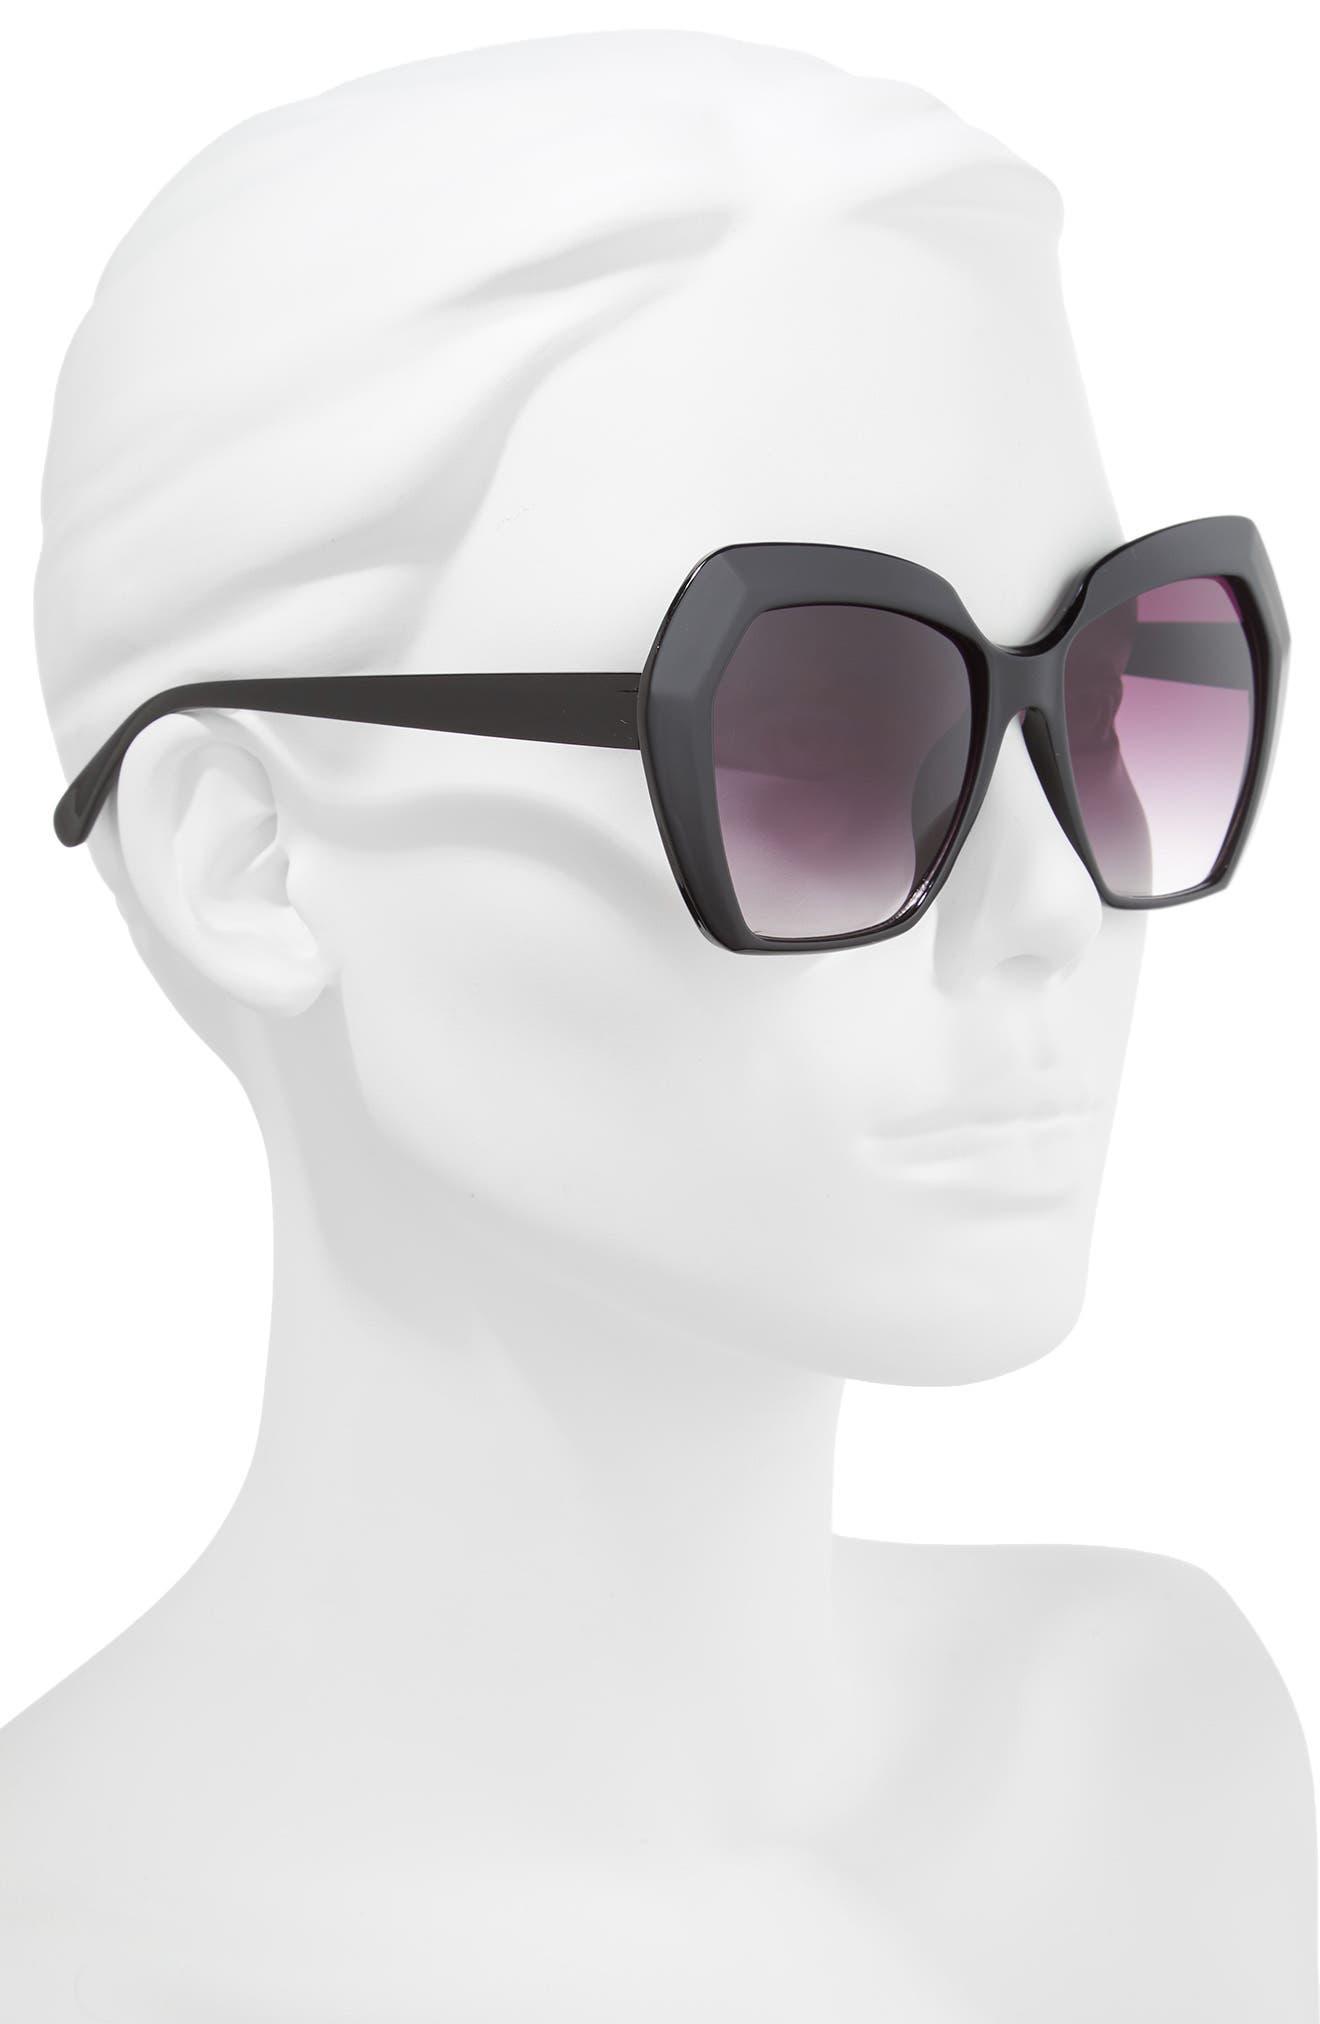 54mm Geometric Sunglasses,                             Alternate thumbnail 2, color,                             BLACK